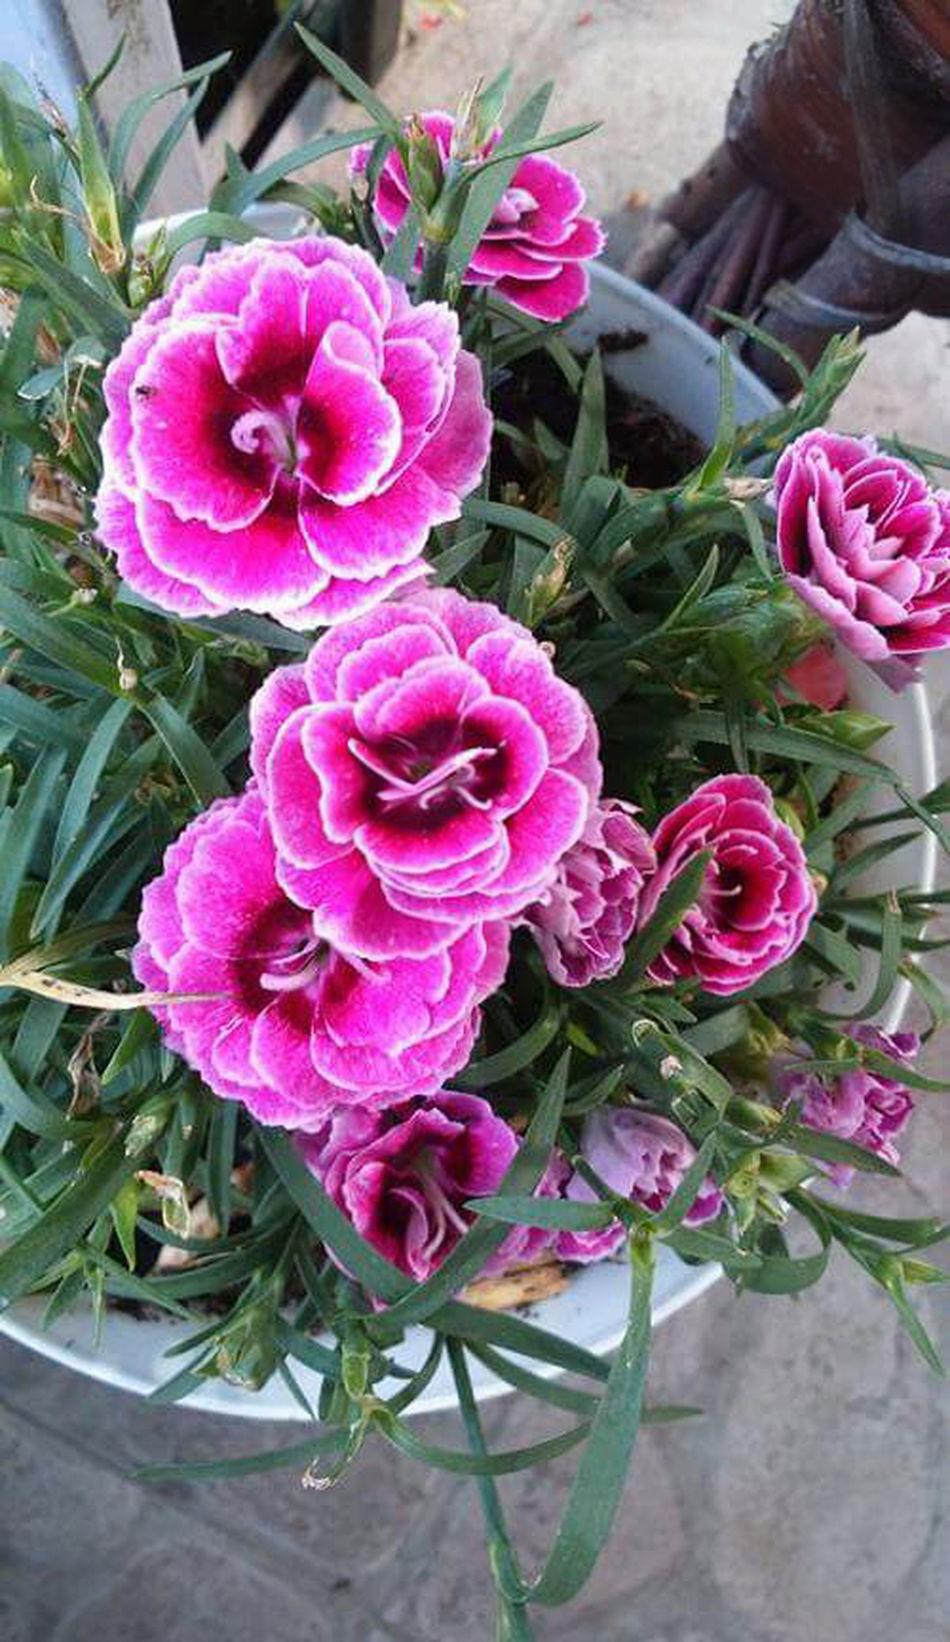 ☺Hiiiiii Pink Flower 🌸 Love♡ (no Filter)